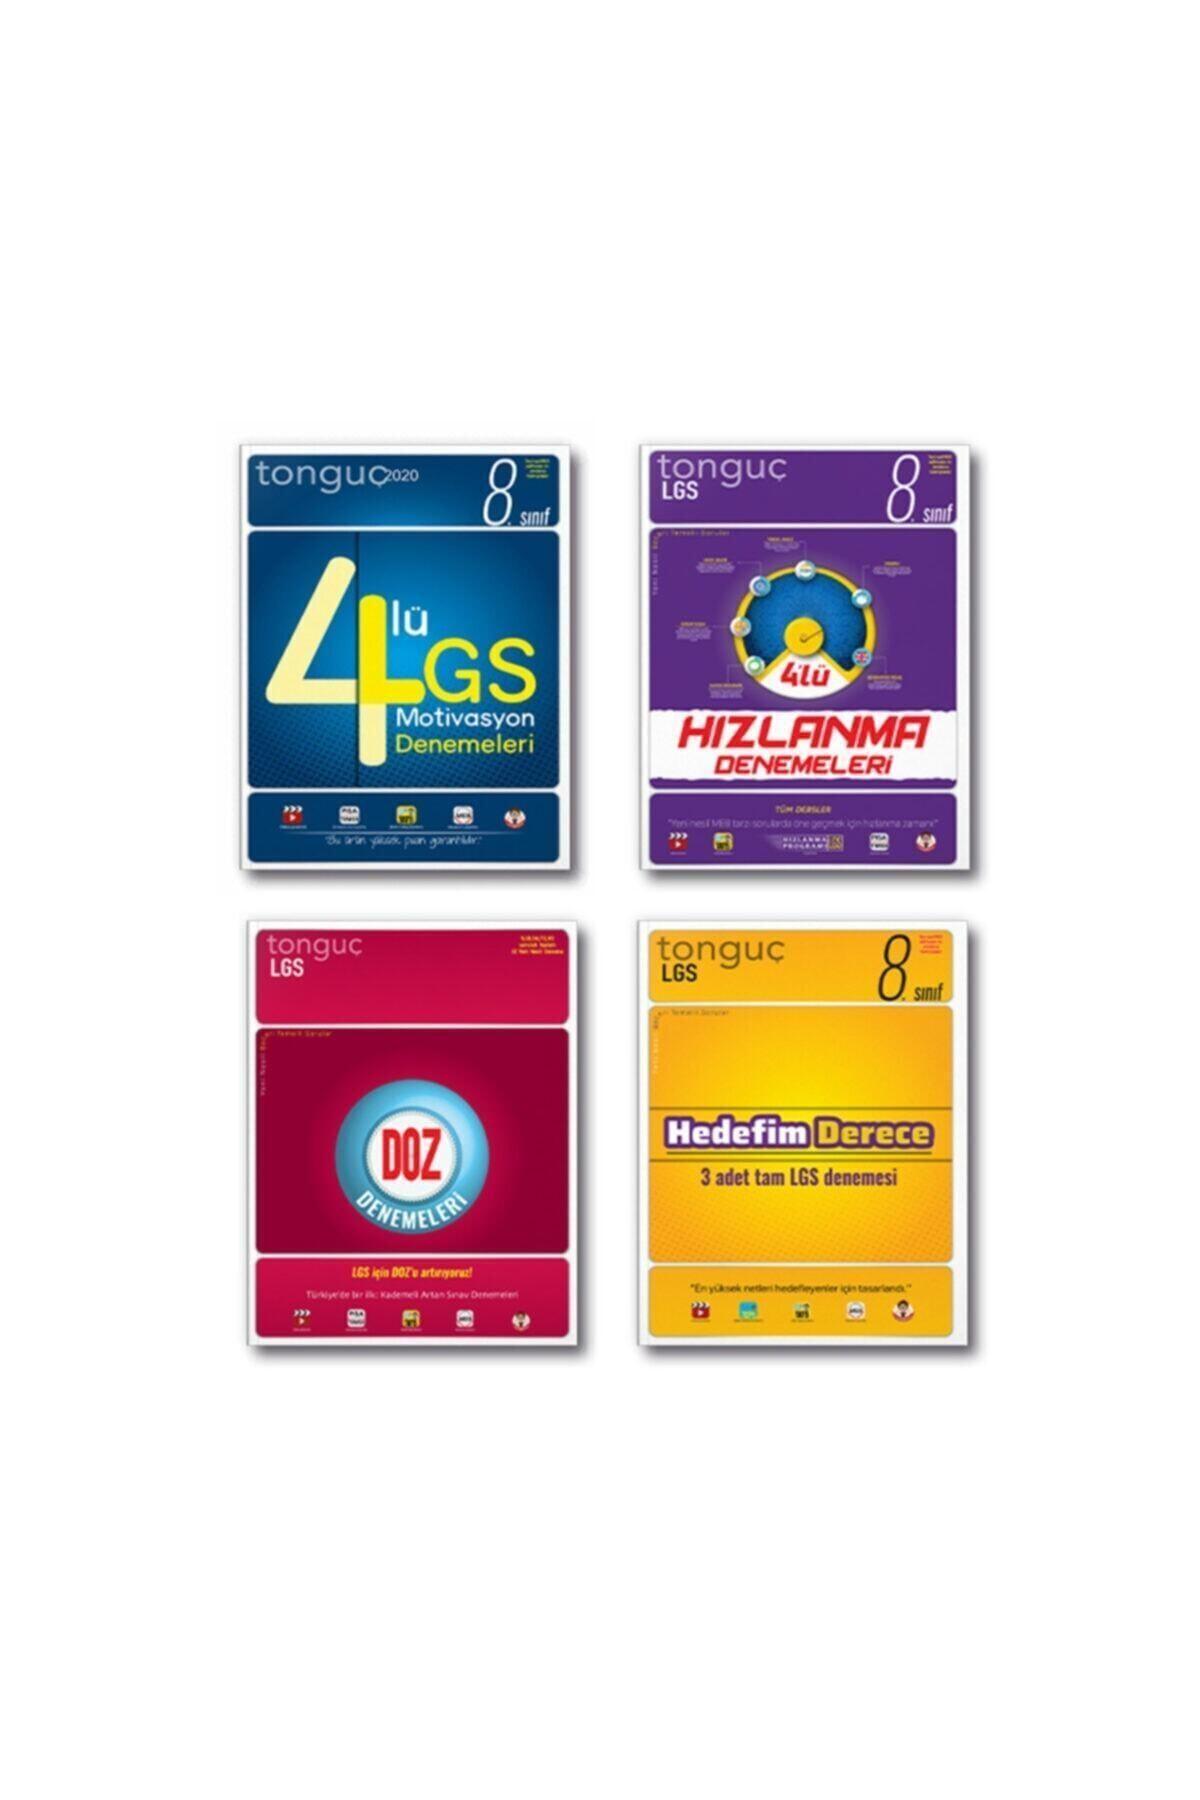 Tonguç Akademi 8. Sınıf Lgs Deneme Set 4 Kitap 2021 Hızlanma Derece Doz  Motivasyon Tonguç Fiyatı, Yorumları - Trendyol